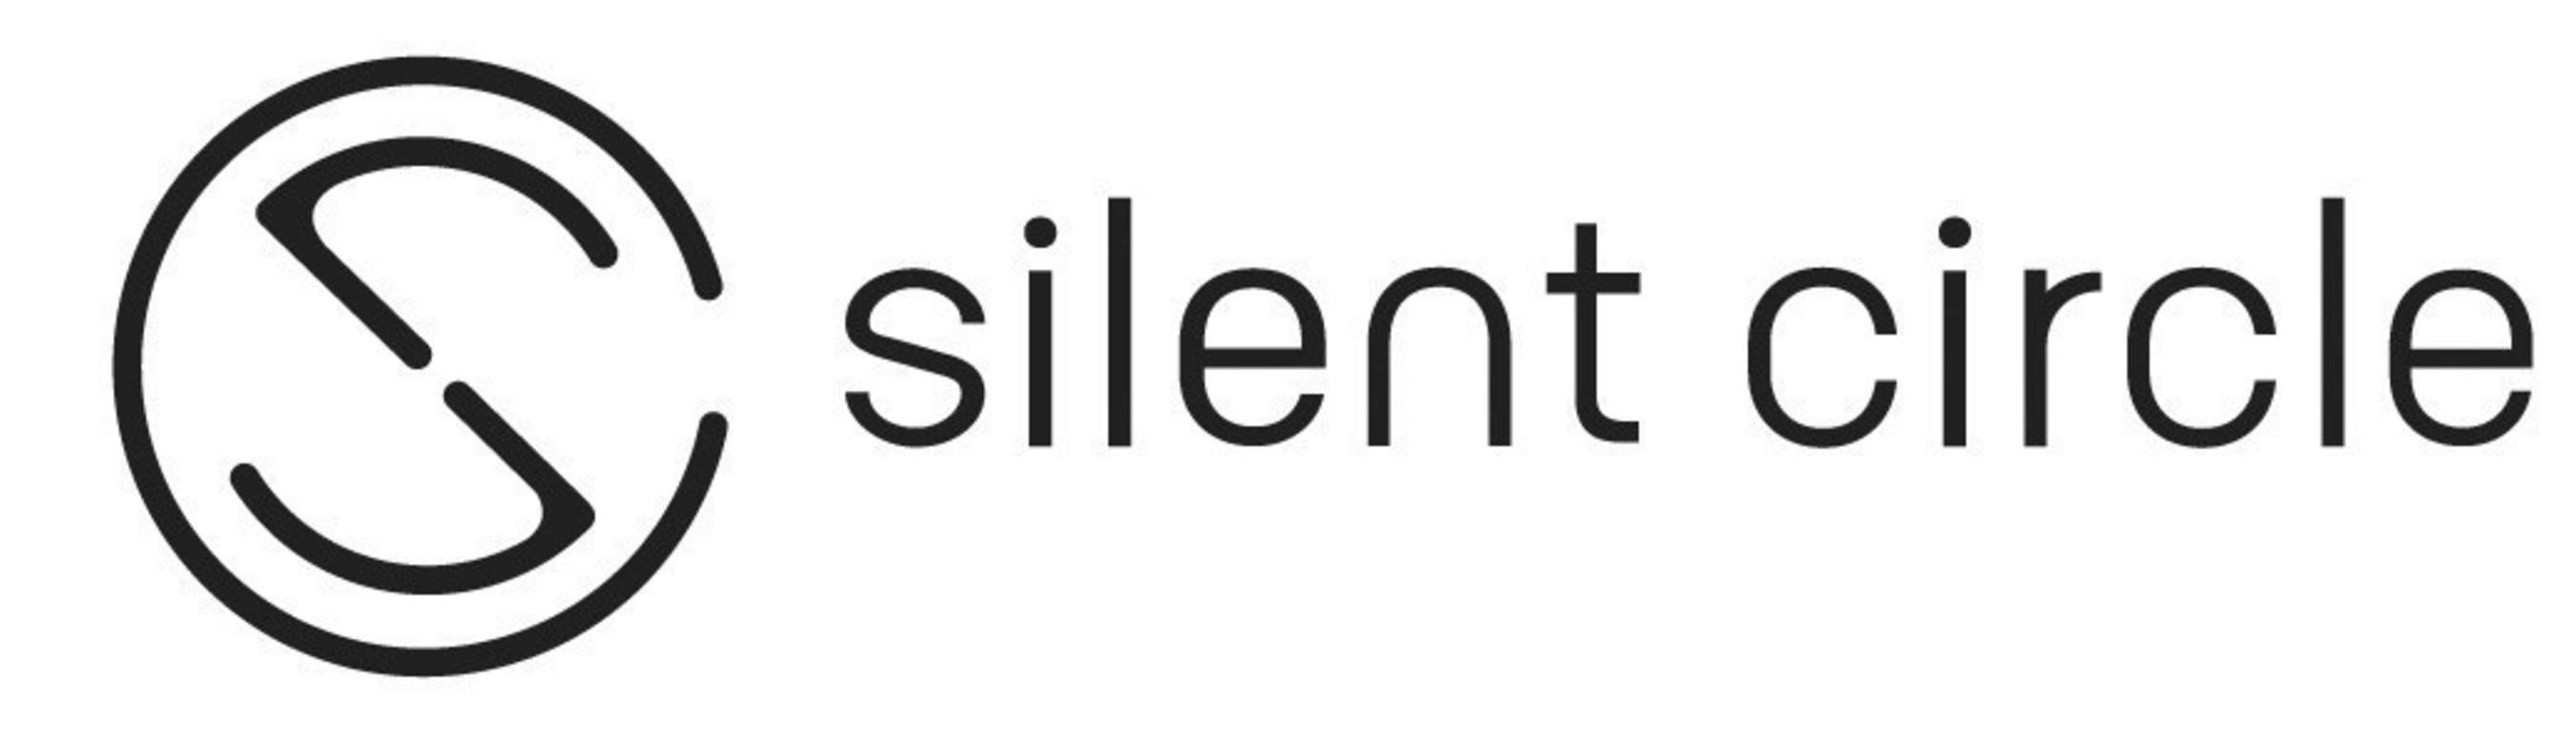 Silent Circle kondigt samenwerking met Guardian Labs aan voor merkcontent